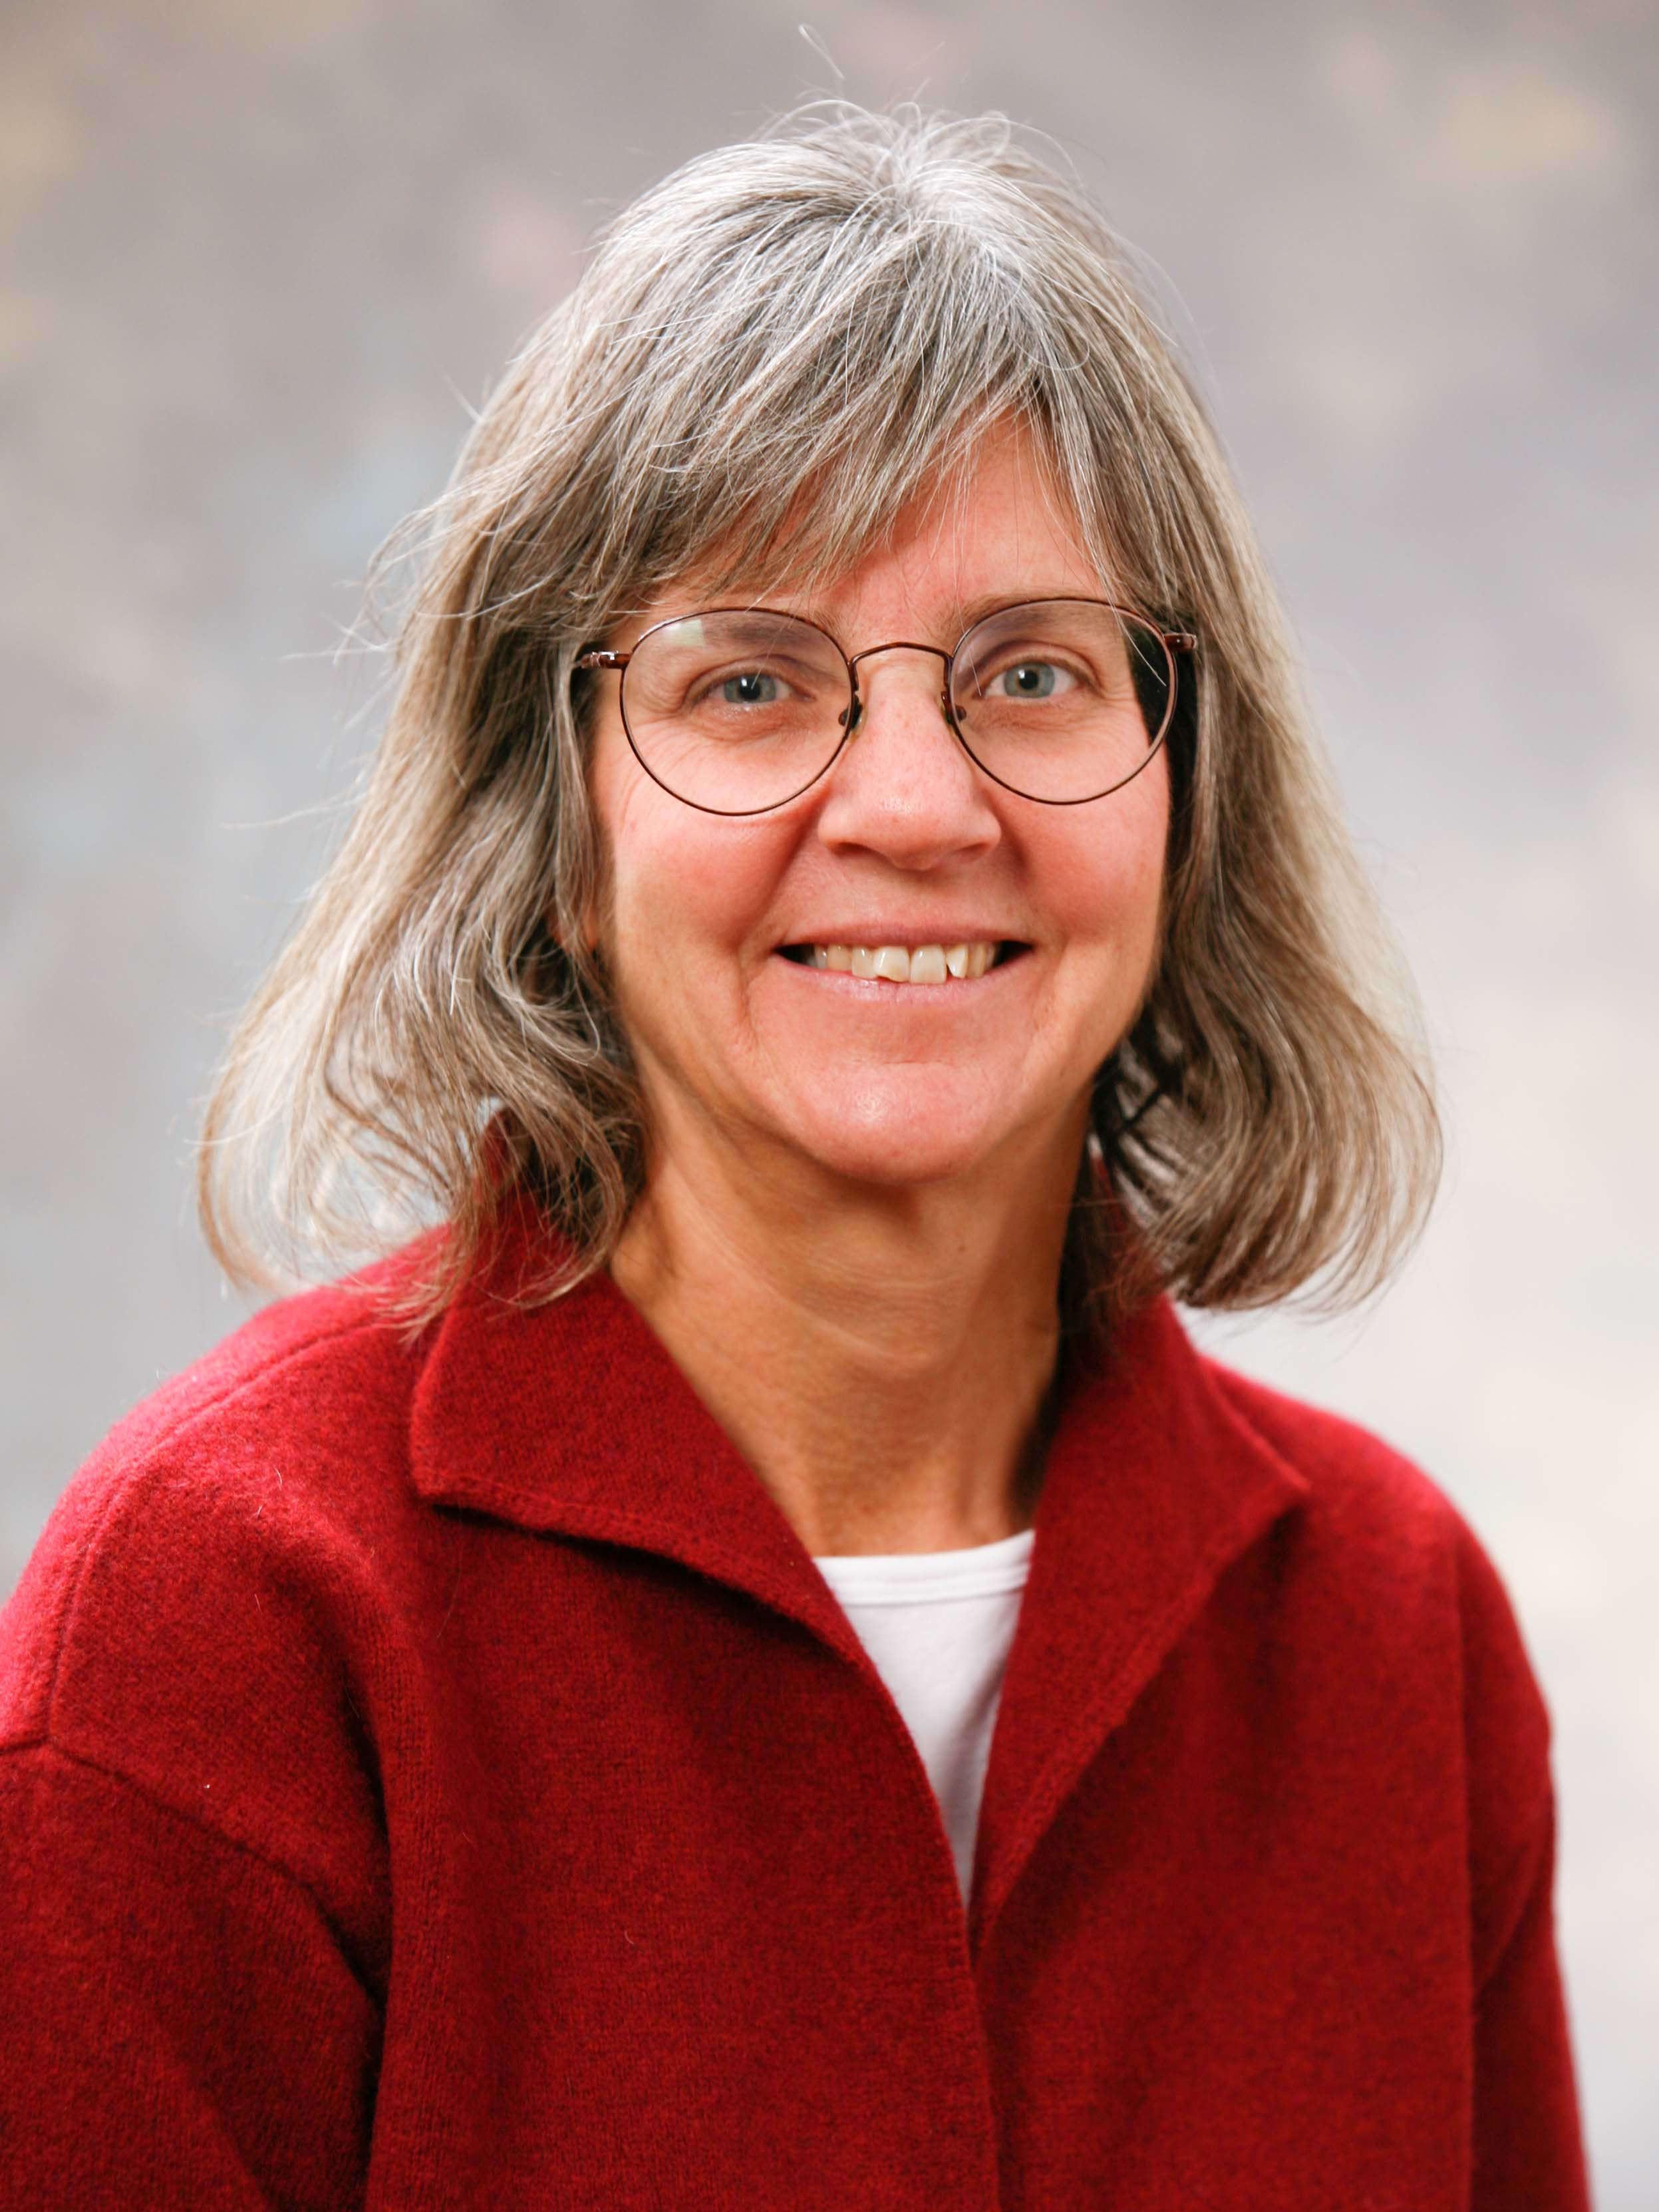 Rachel Lampert